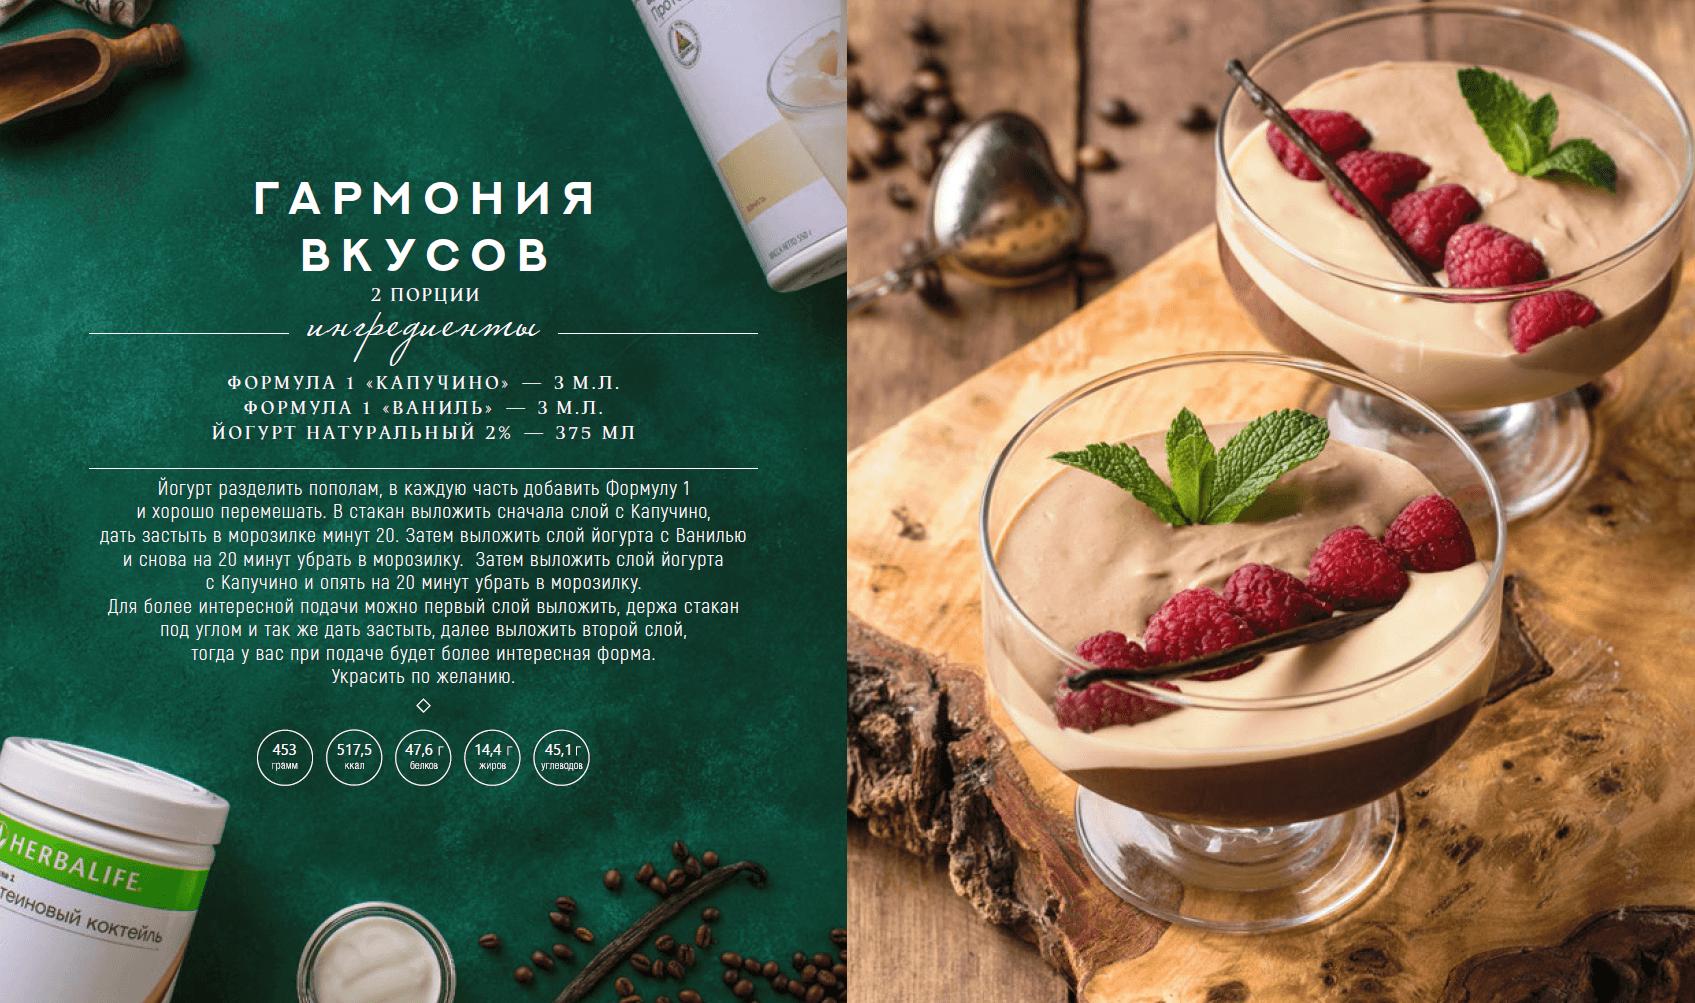 гармония вкусов рецепт гербалайф